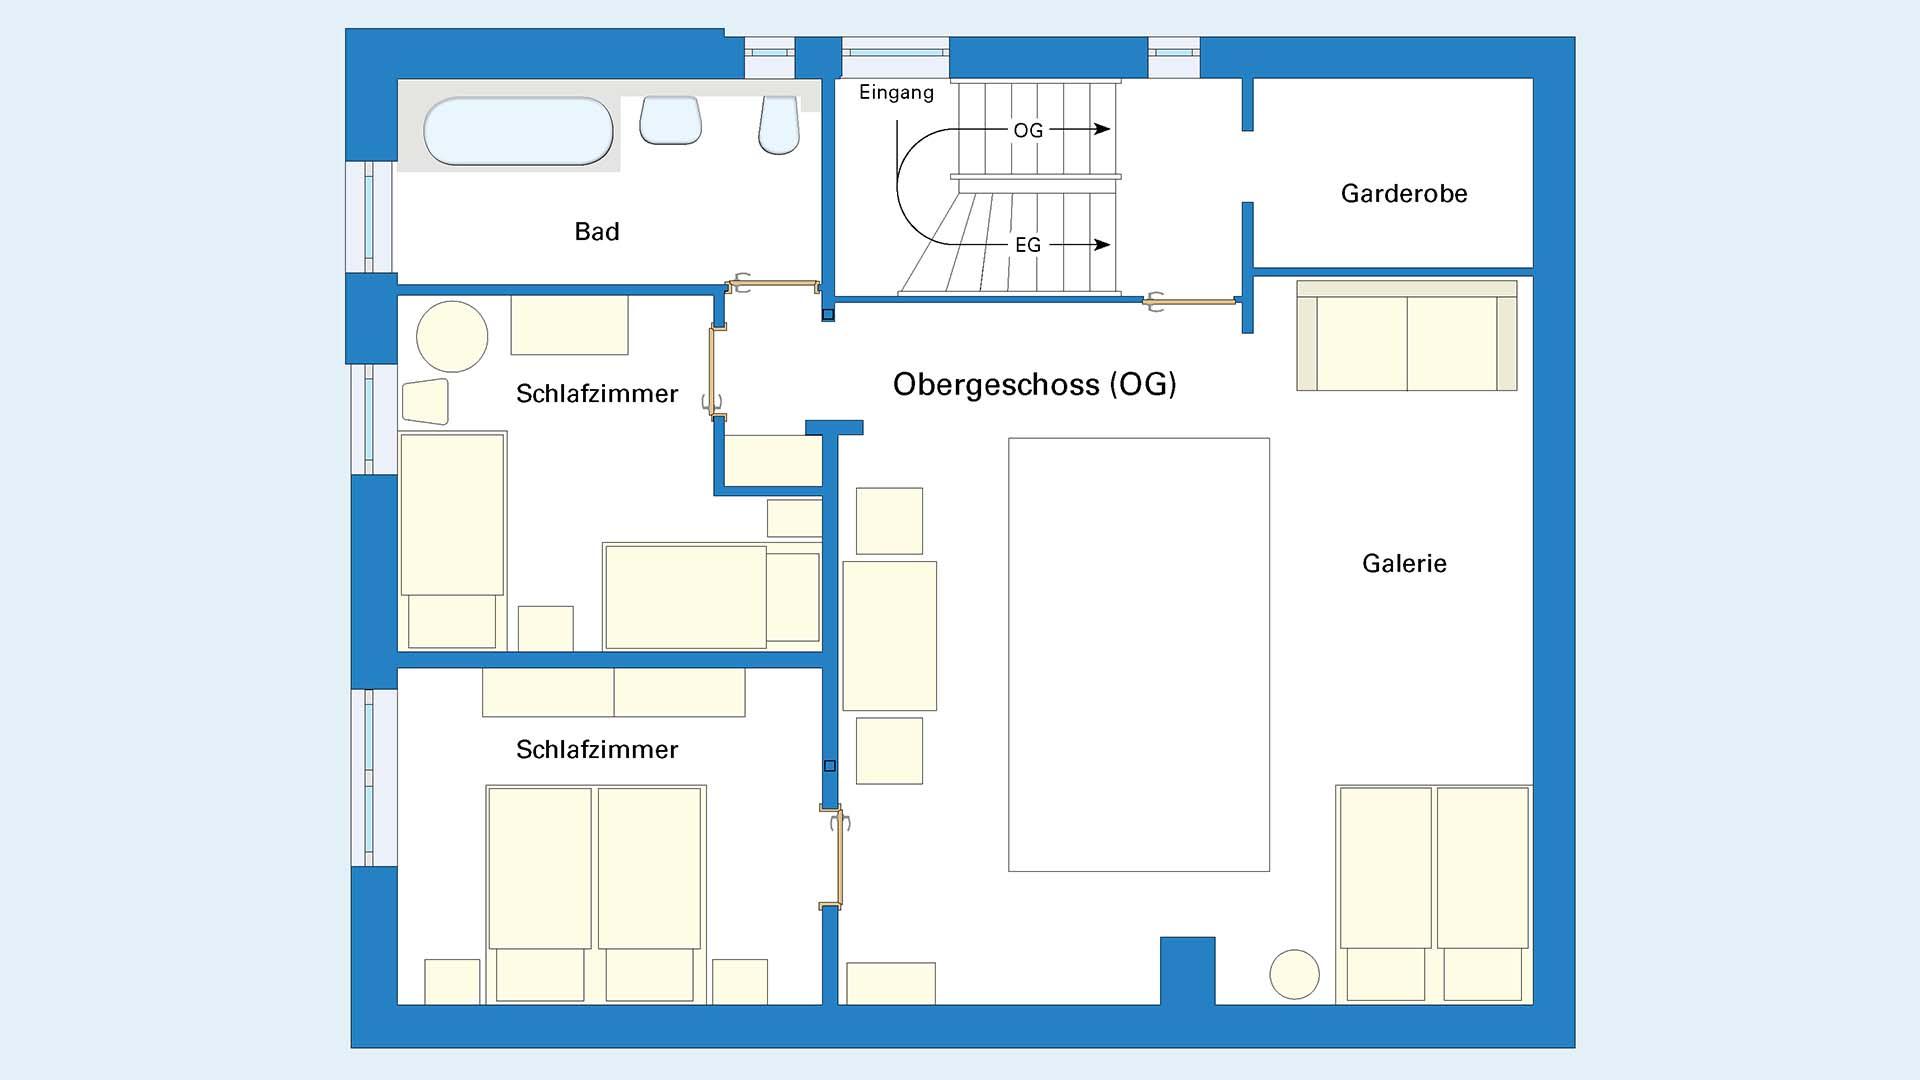 Ferienhaus am Schönwasen - Grundriss Obergeschoss